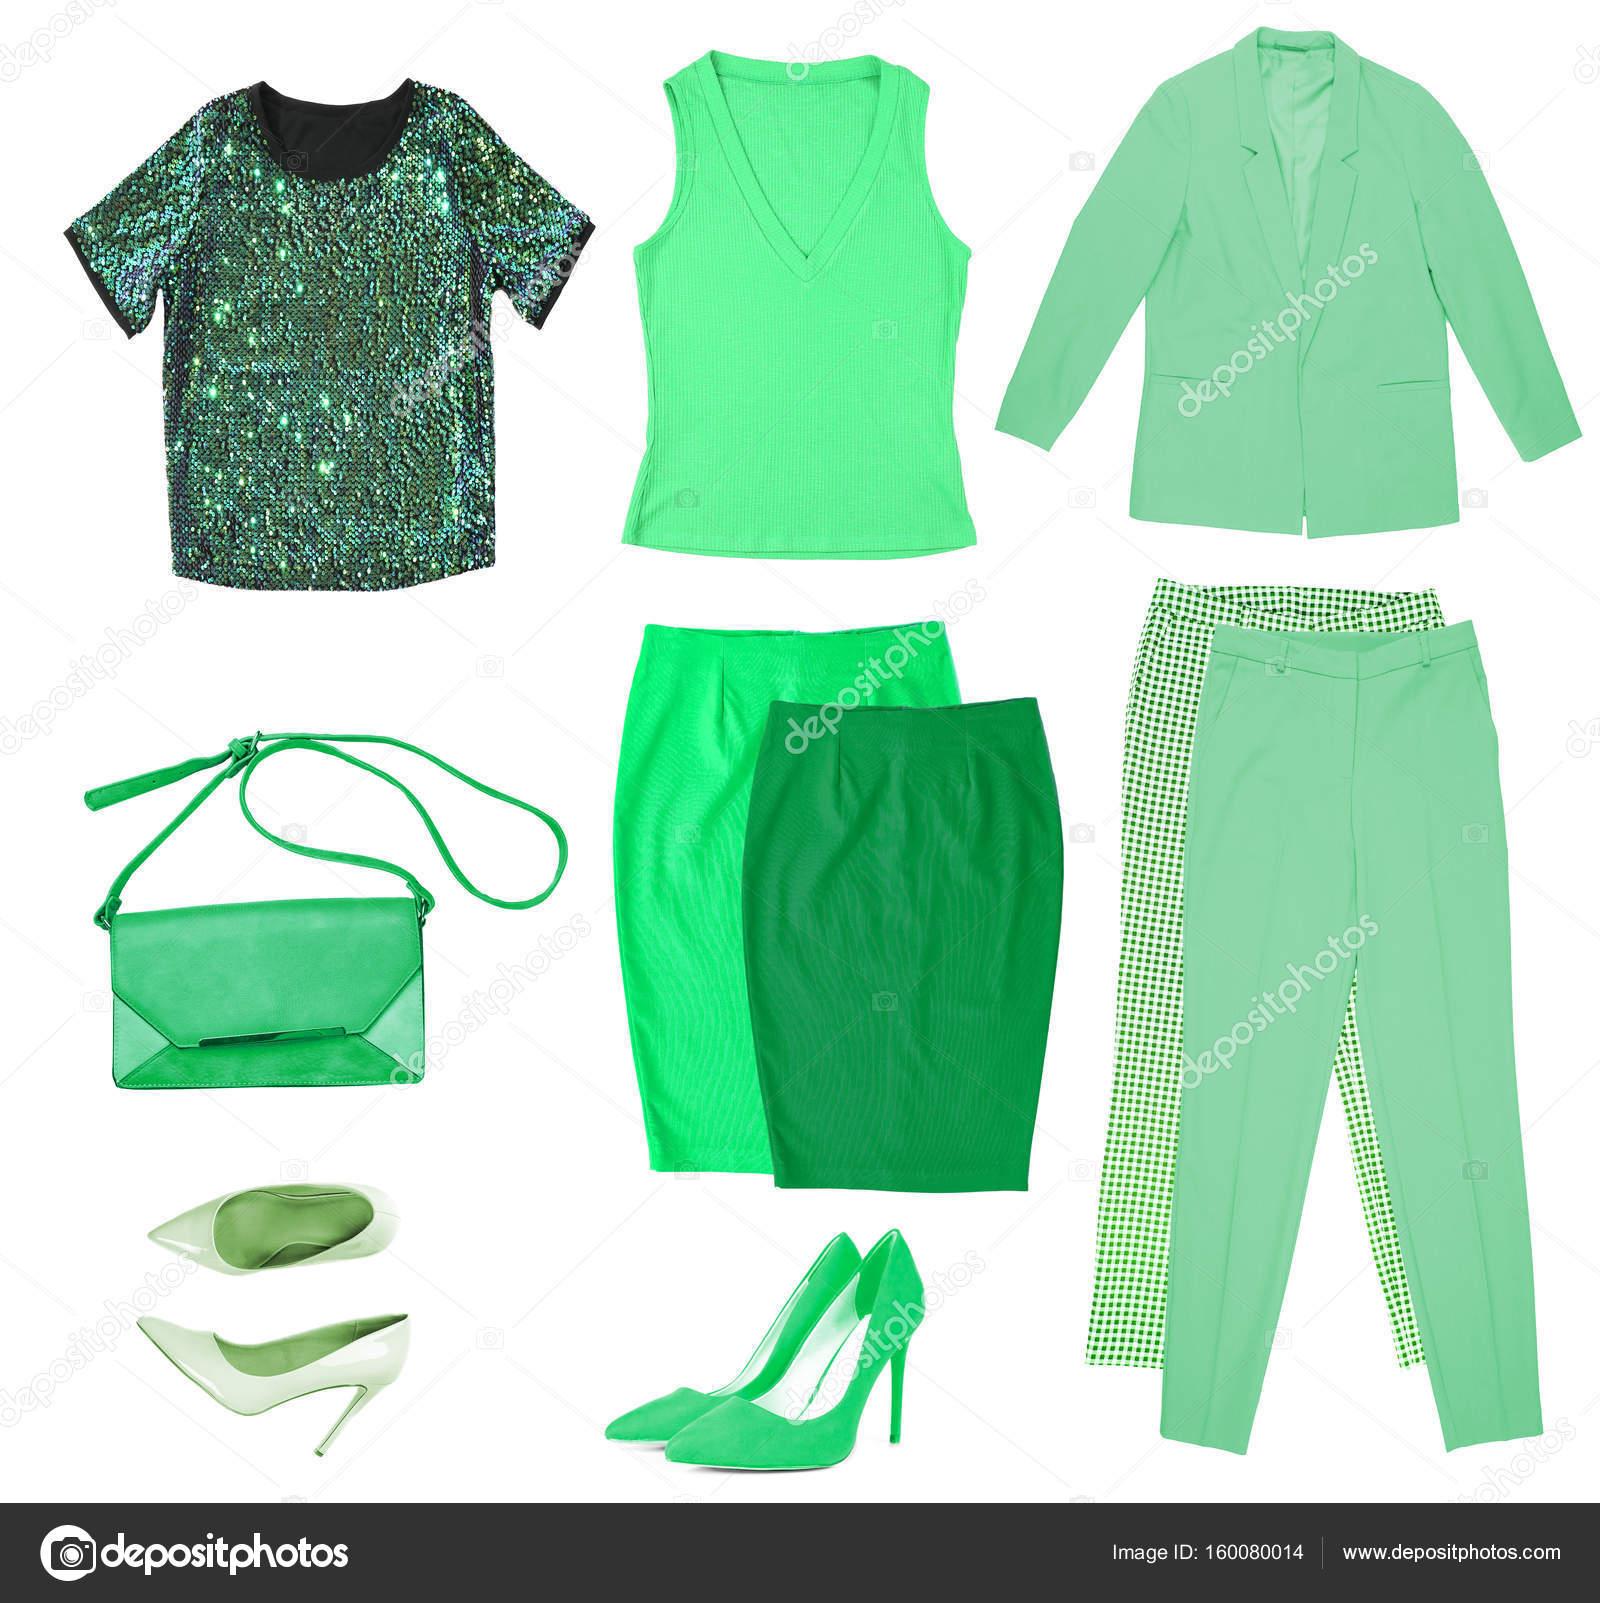 b088b5a11da7 Collage de ropa de color verde y accesorios en fondo blanco - imágenes: ropa  de colores — Foto de belchonock